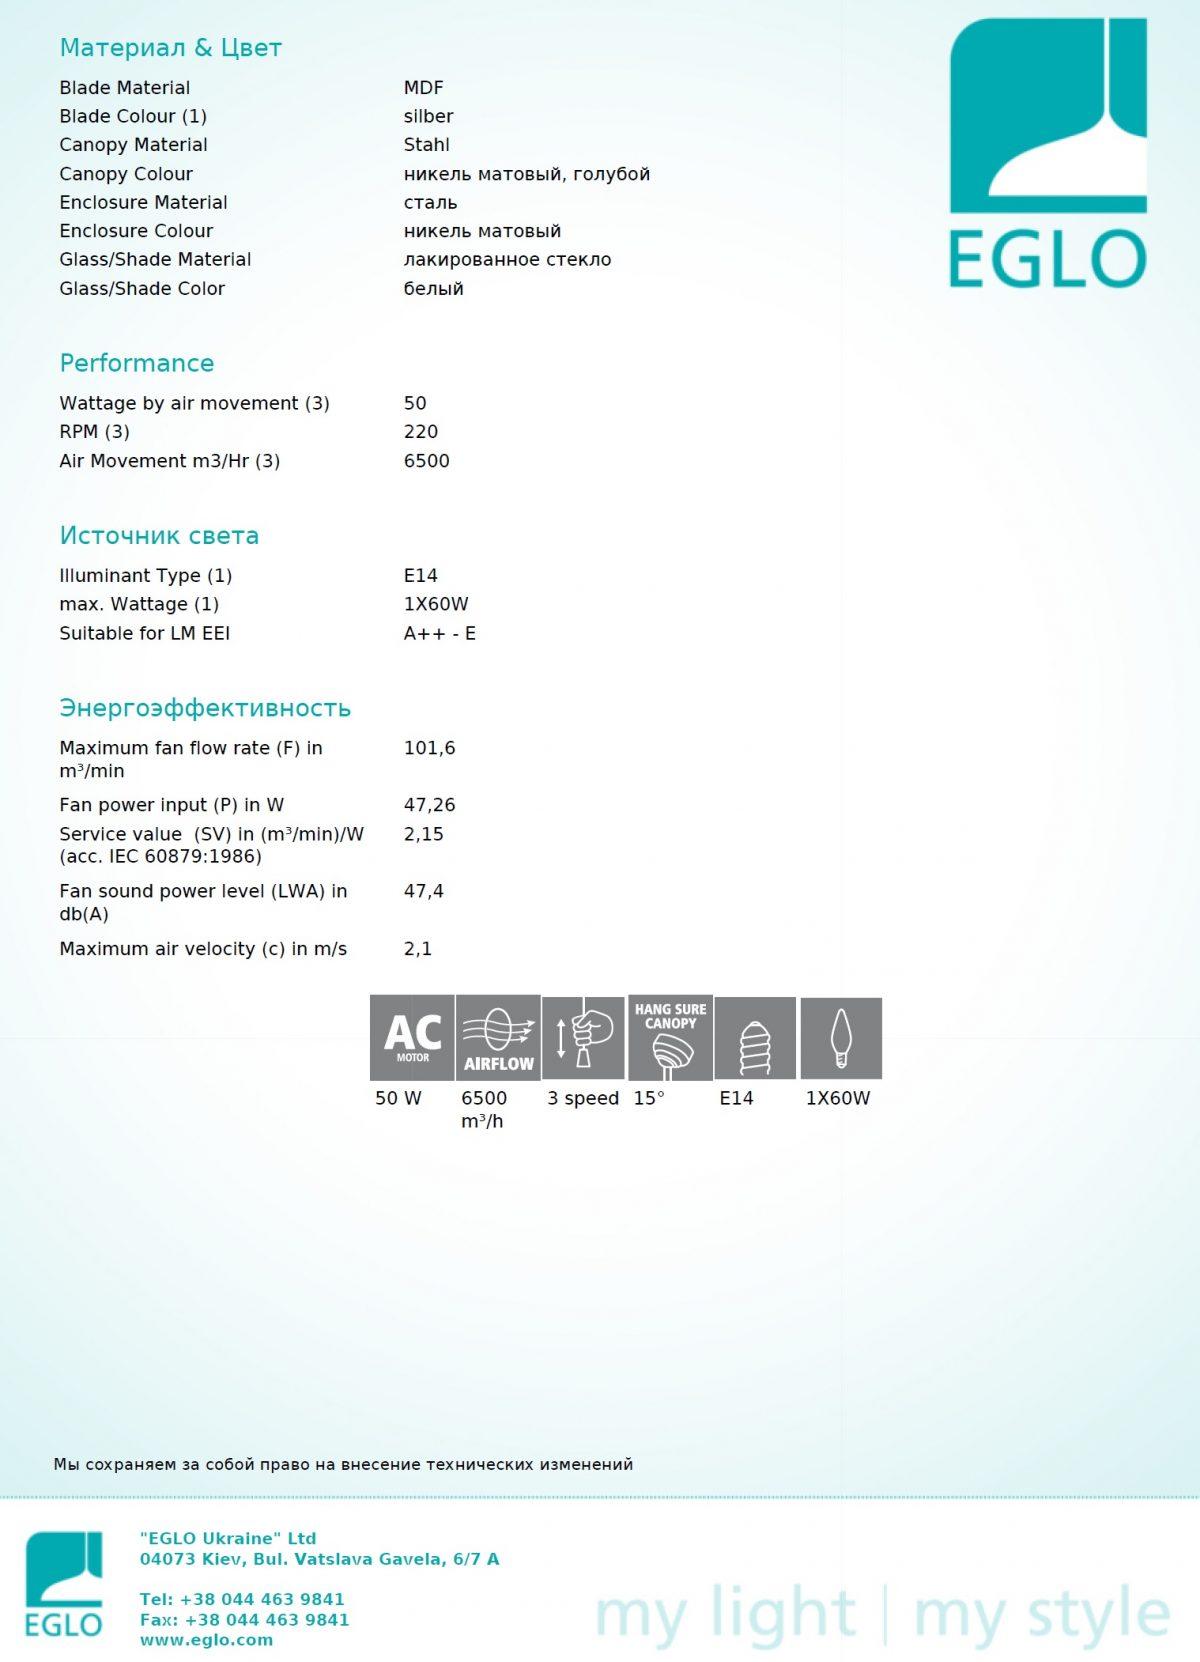 Люстра - вентилятор GELSINA EGLO 35041 - Фото №32